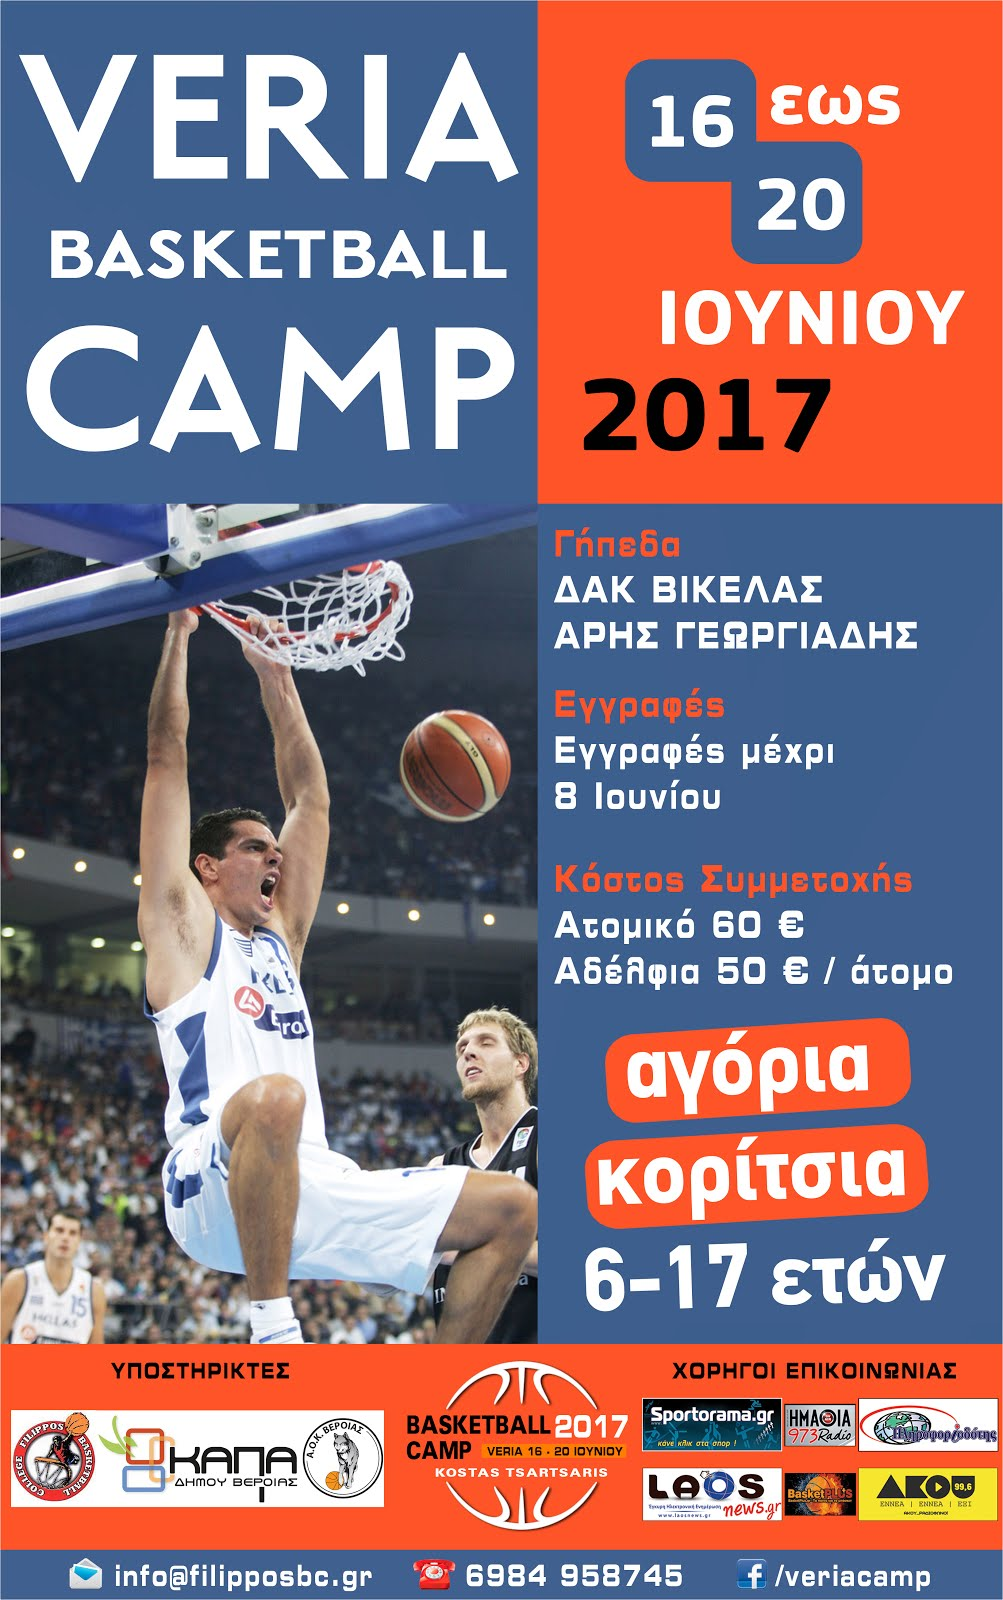 VERIA BASKETBALL CAMP 2017